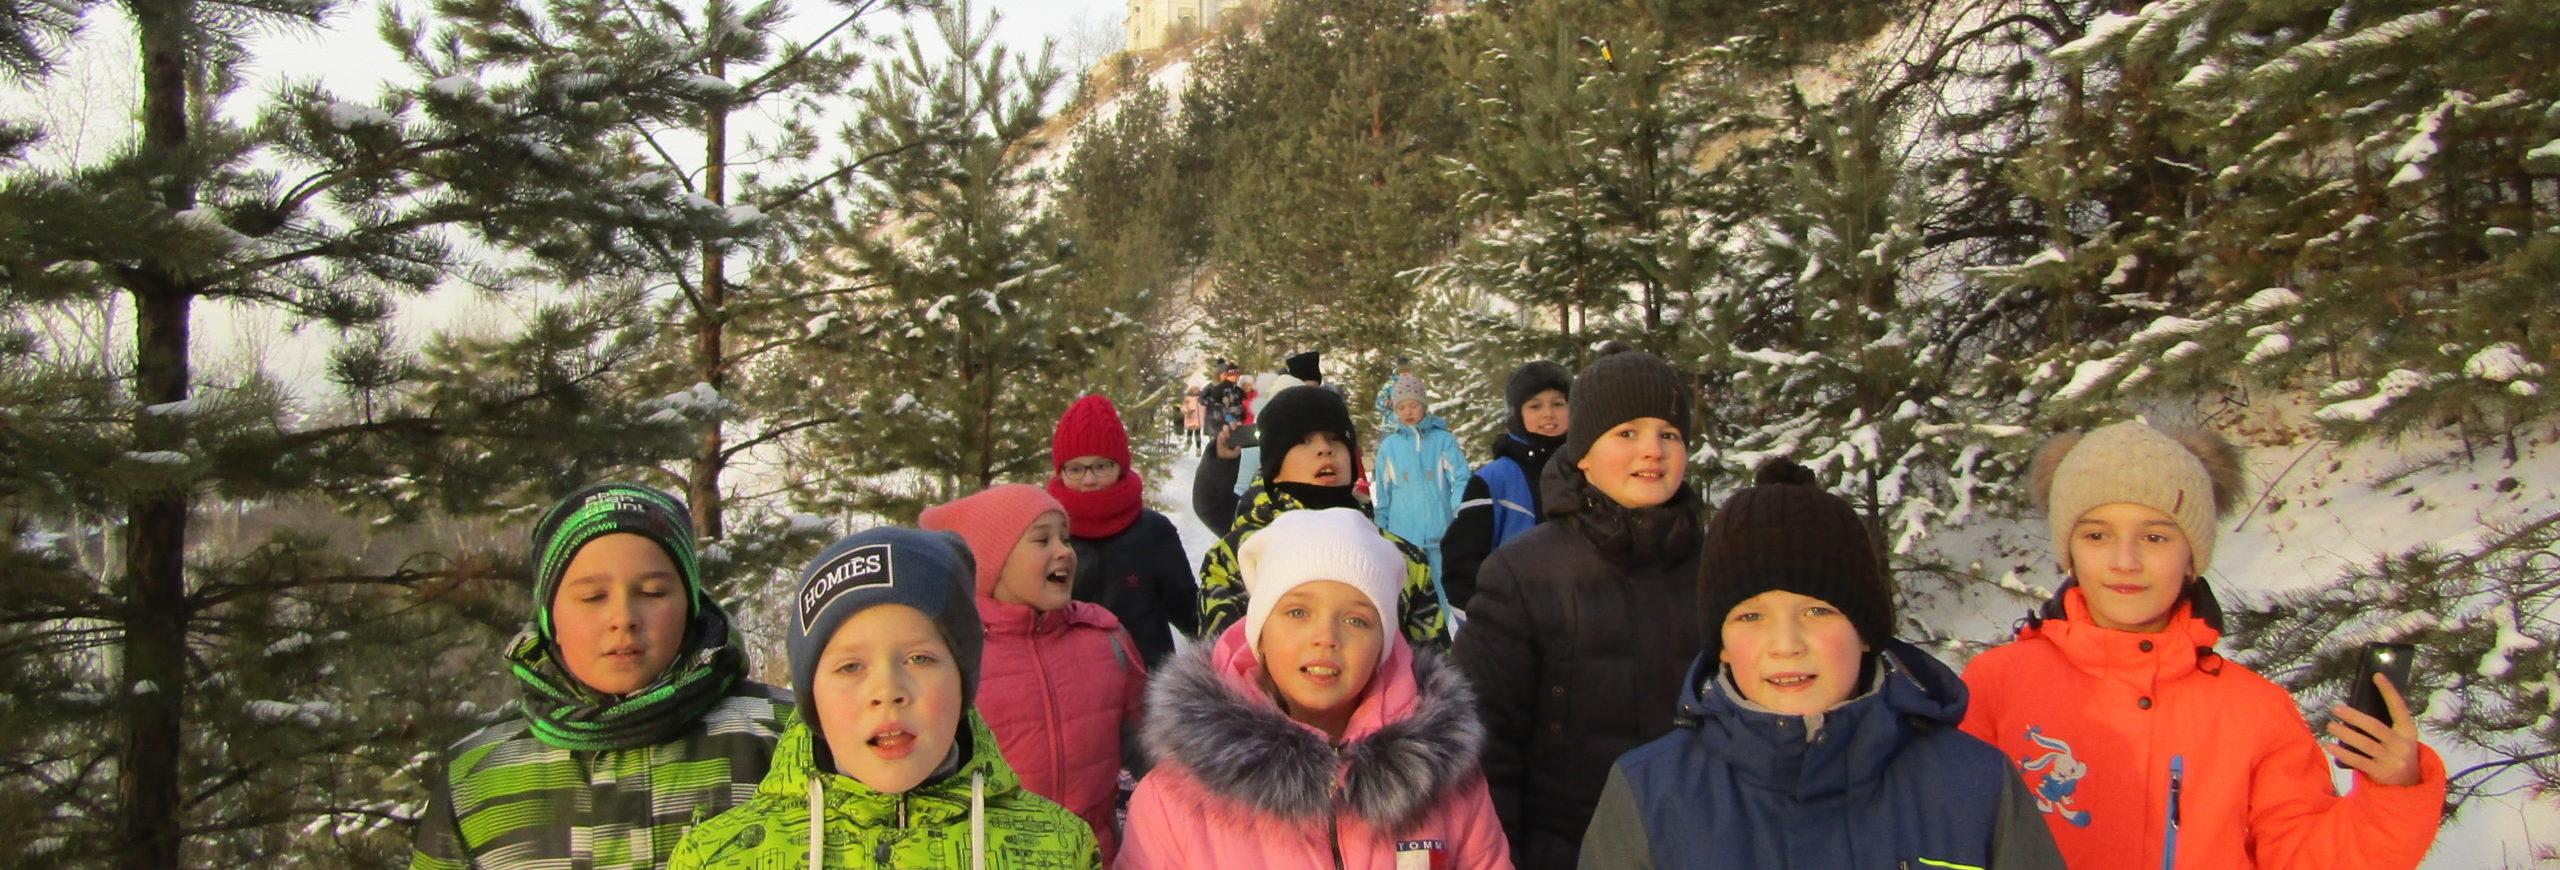 Экскурсии по Индустриальной тропе у Орловой горы популярны среди школьников и взрослых. На фото гости из Туринска: очень интересно! Подробности об экскурсиях на сайте http://www.mkt1996.ru